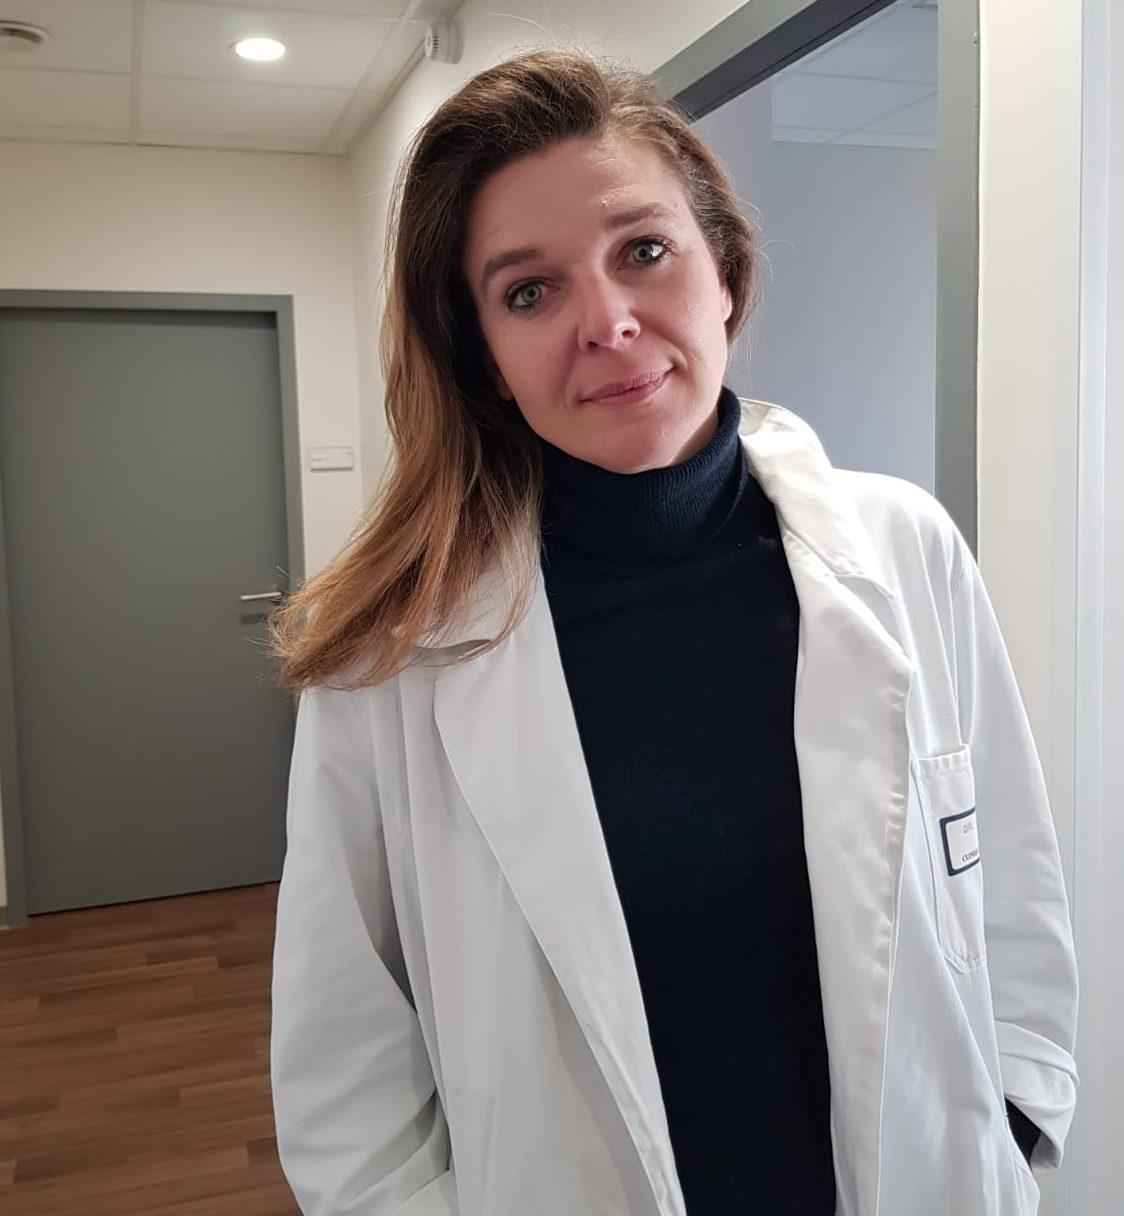 docteur-anne-laure-proust-chirurgien-digestif-ucgt-lyon